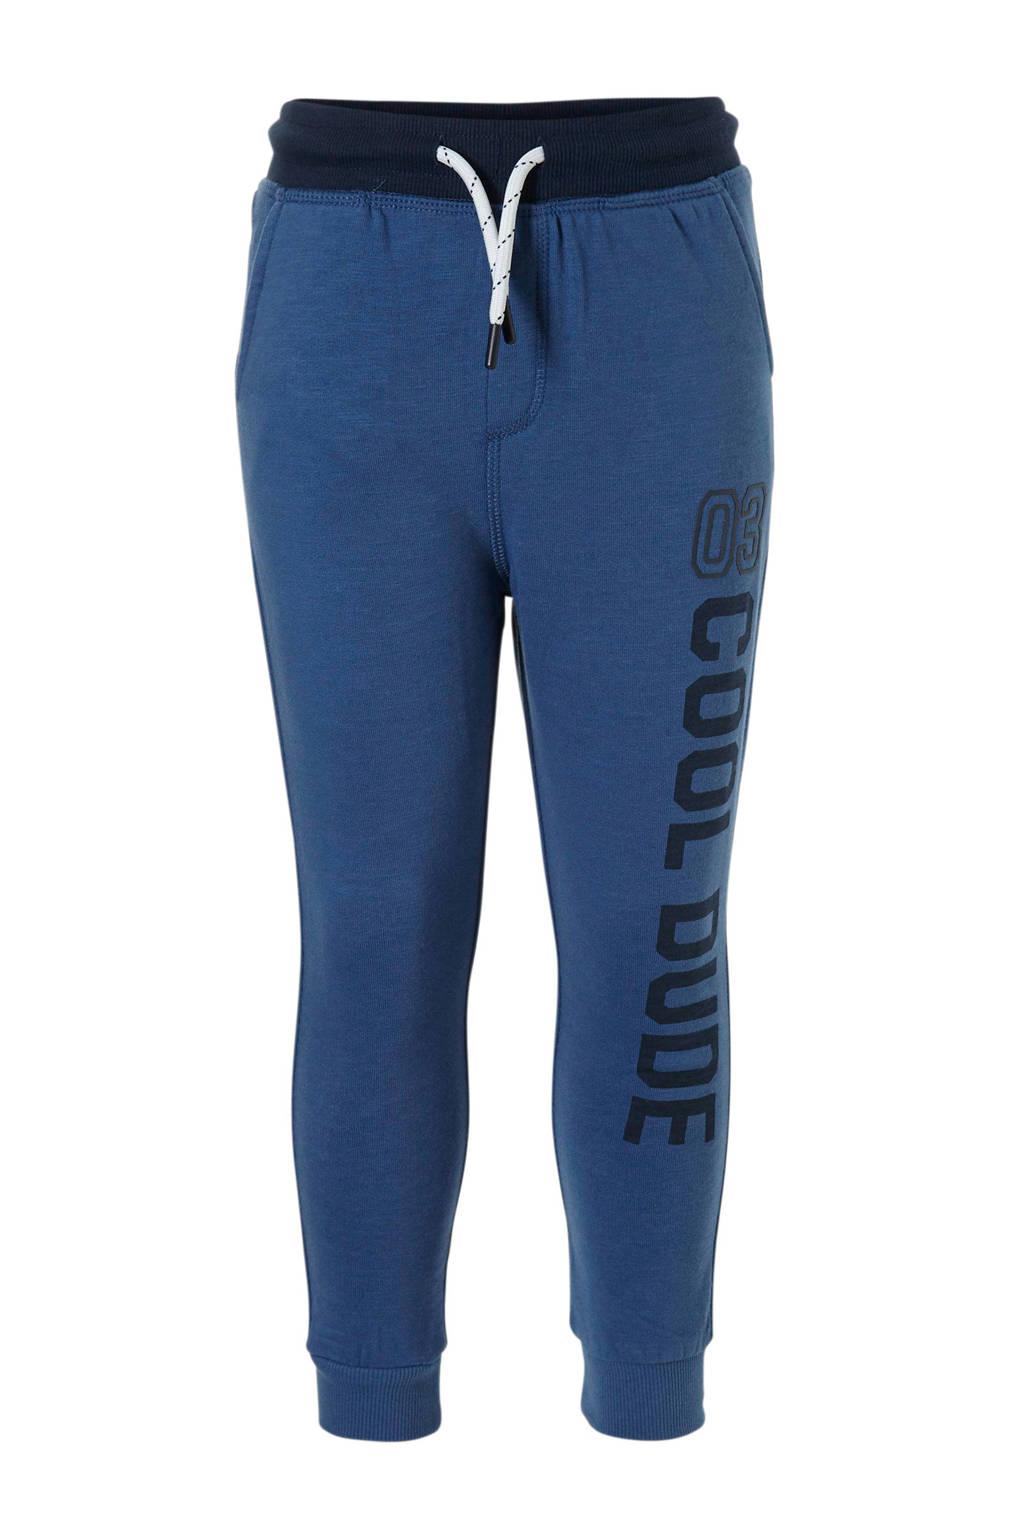 C&A Palomino   joggingbroek met tekst blauw, Blauw